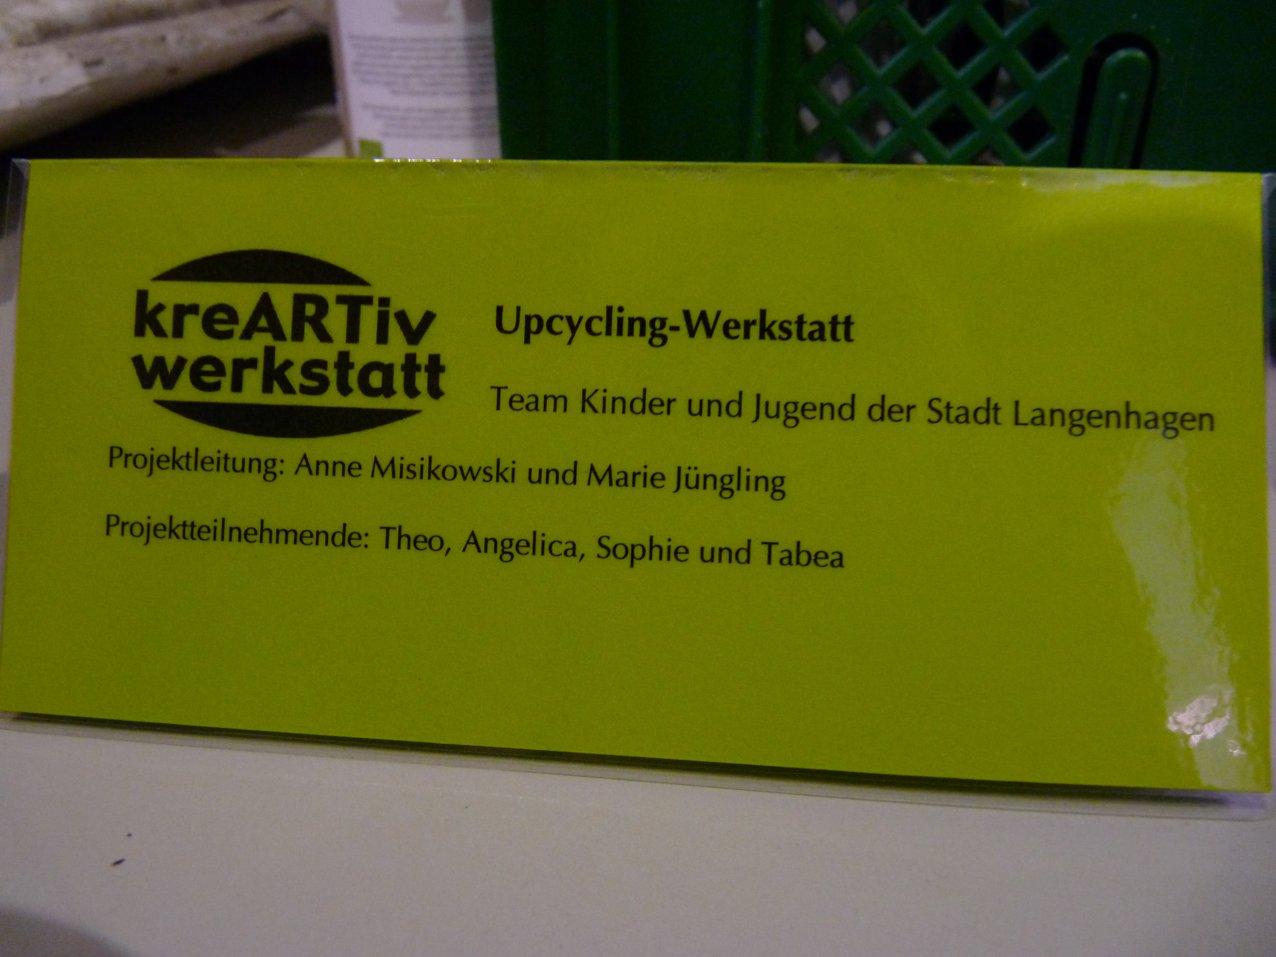 kreartiv-werkstatt-langenhagen-upcycling-werkstatt-team-kinder-und-jugend